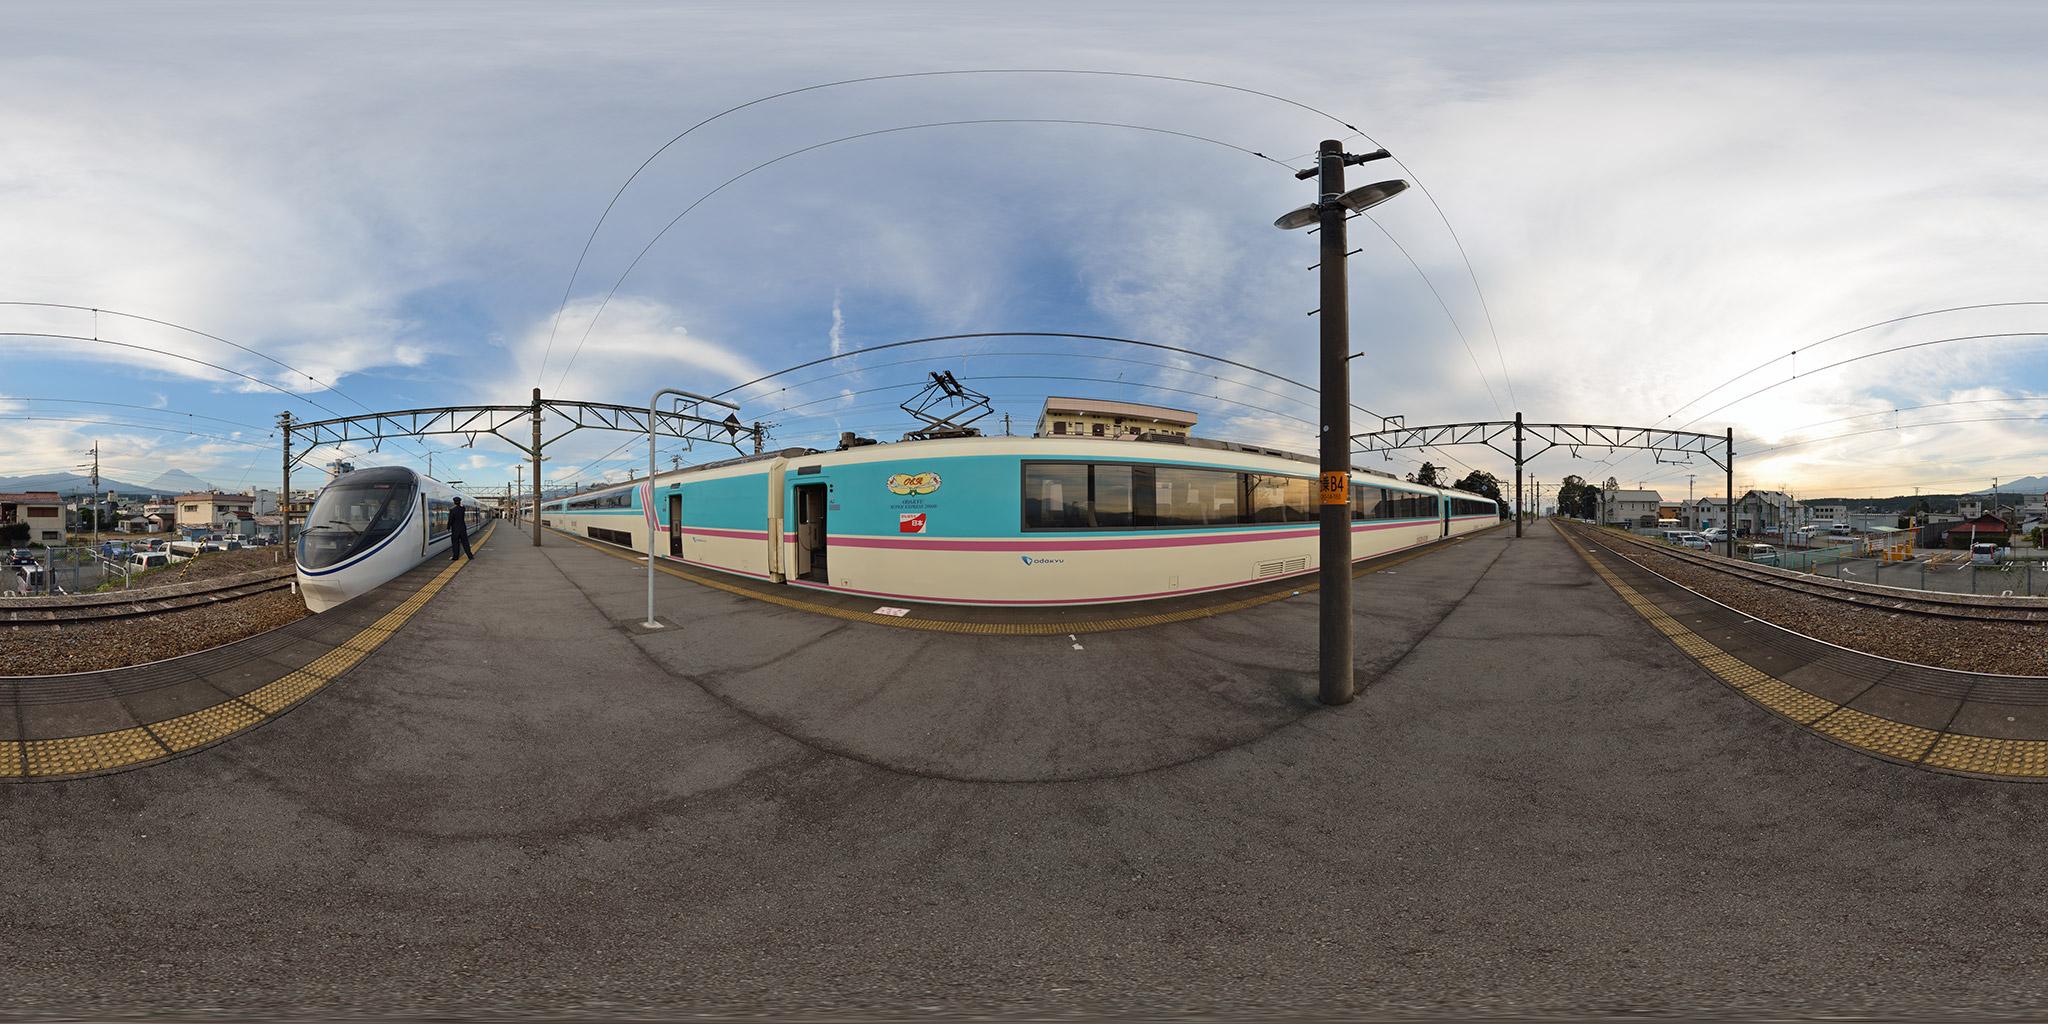 裾野駅で交換する371系とRSEあさぎり(20001F)